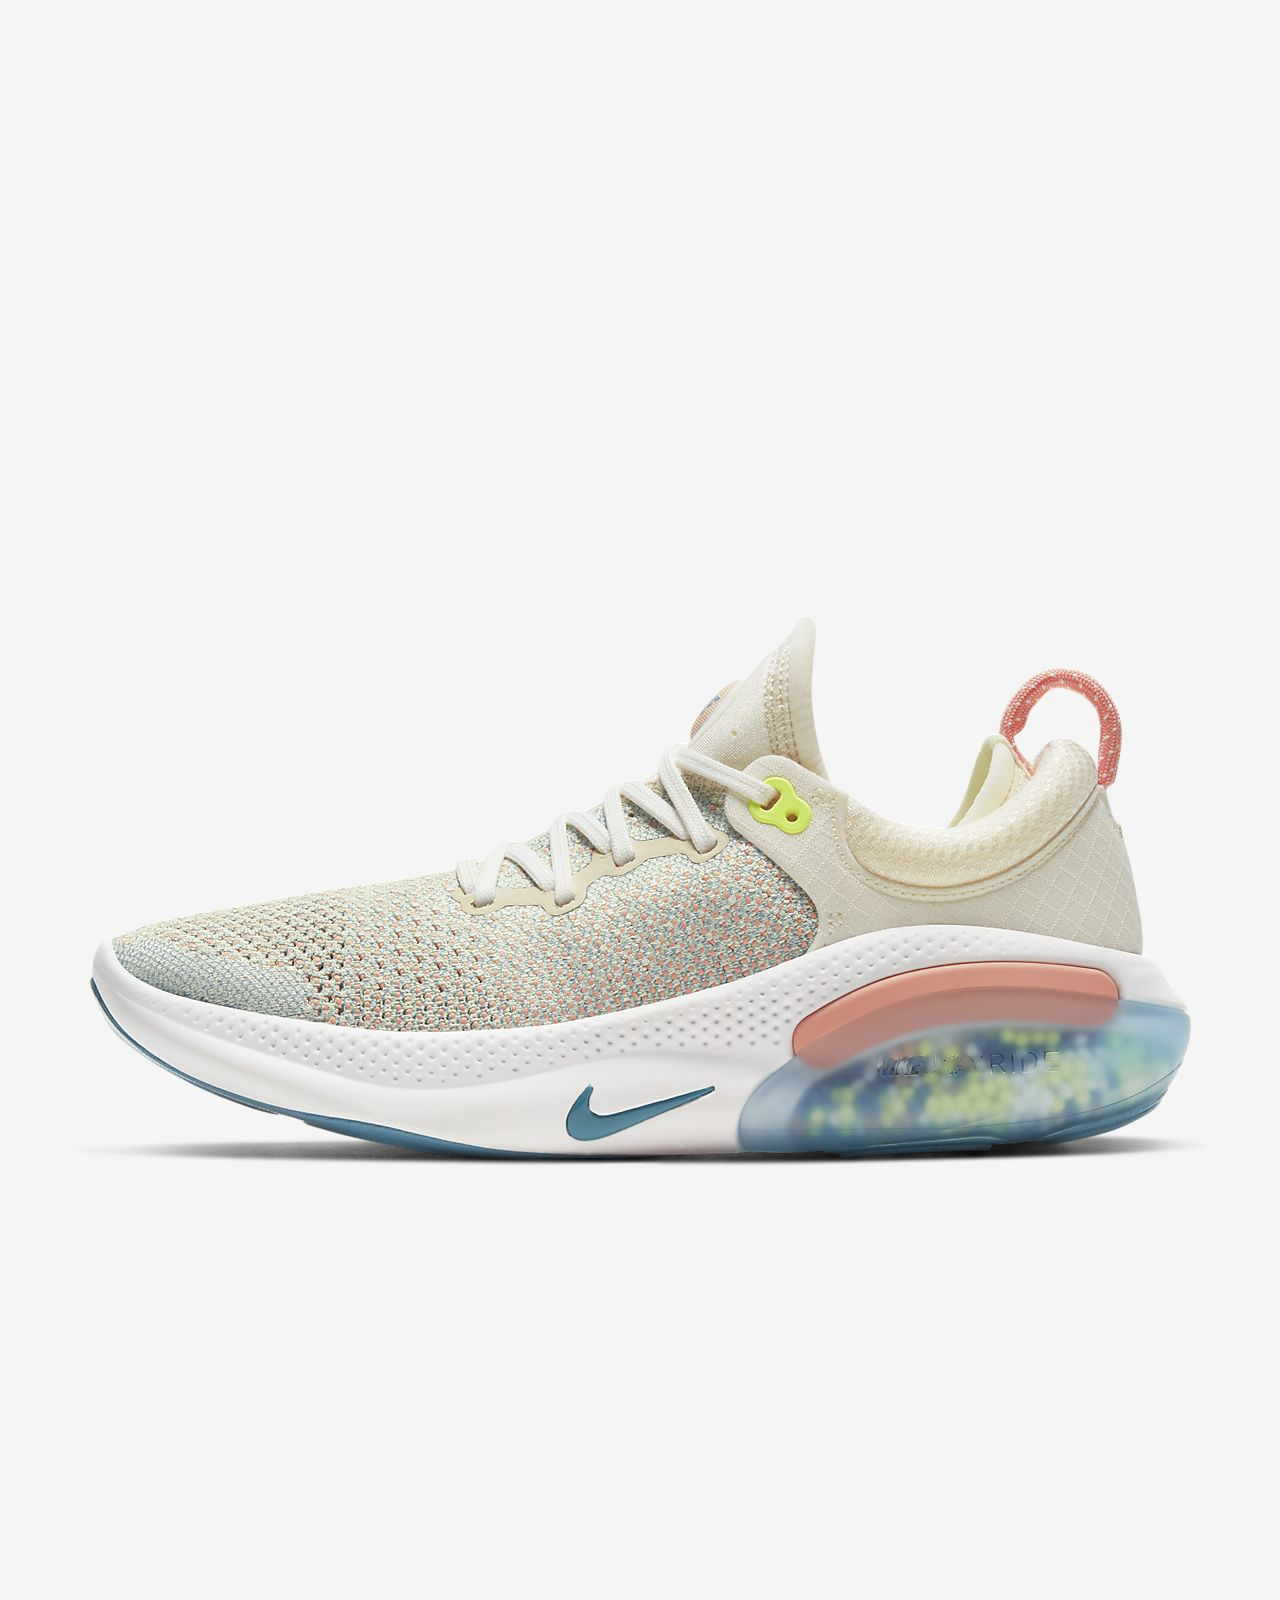 รองเท้าวิ่งผู้หญิง Nike Joyride Run Flyknit